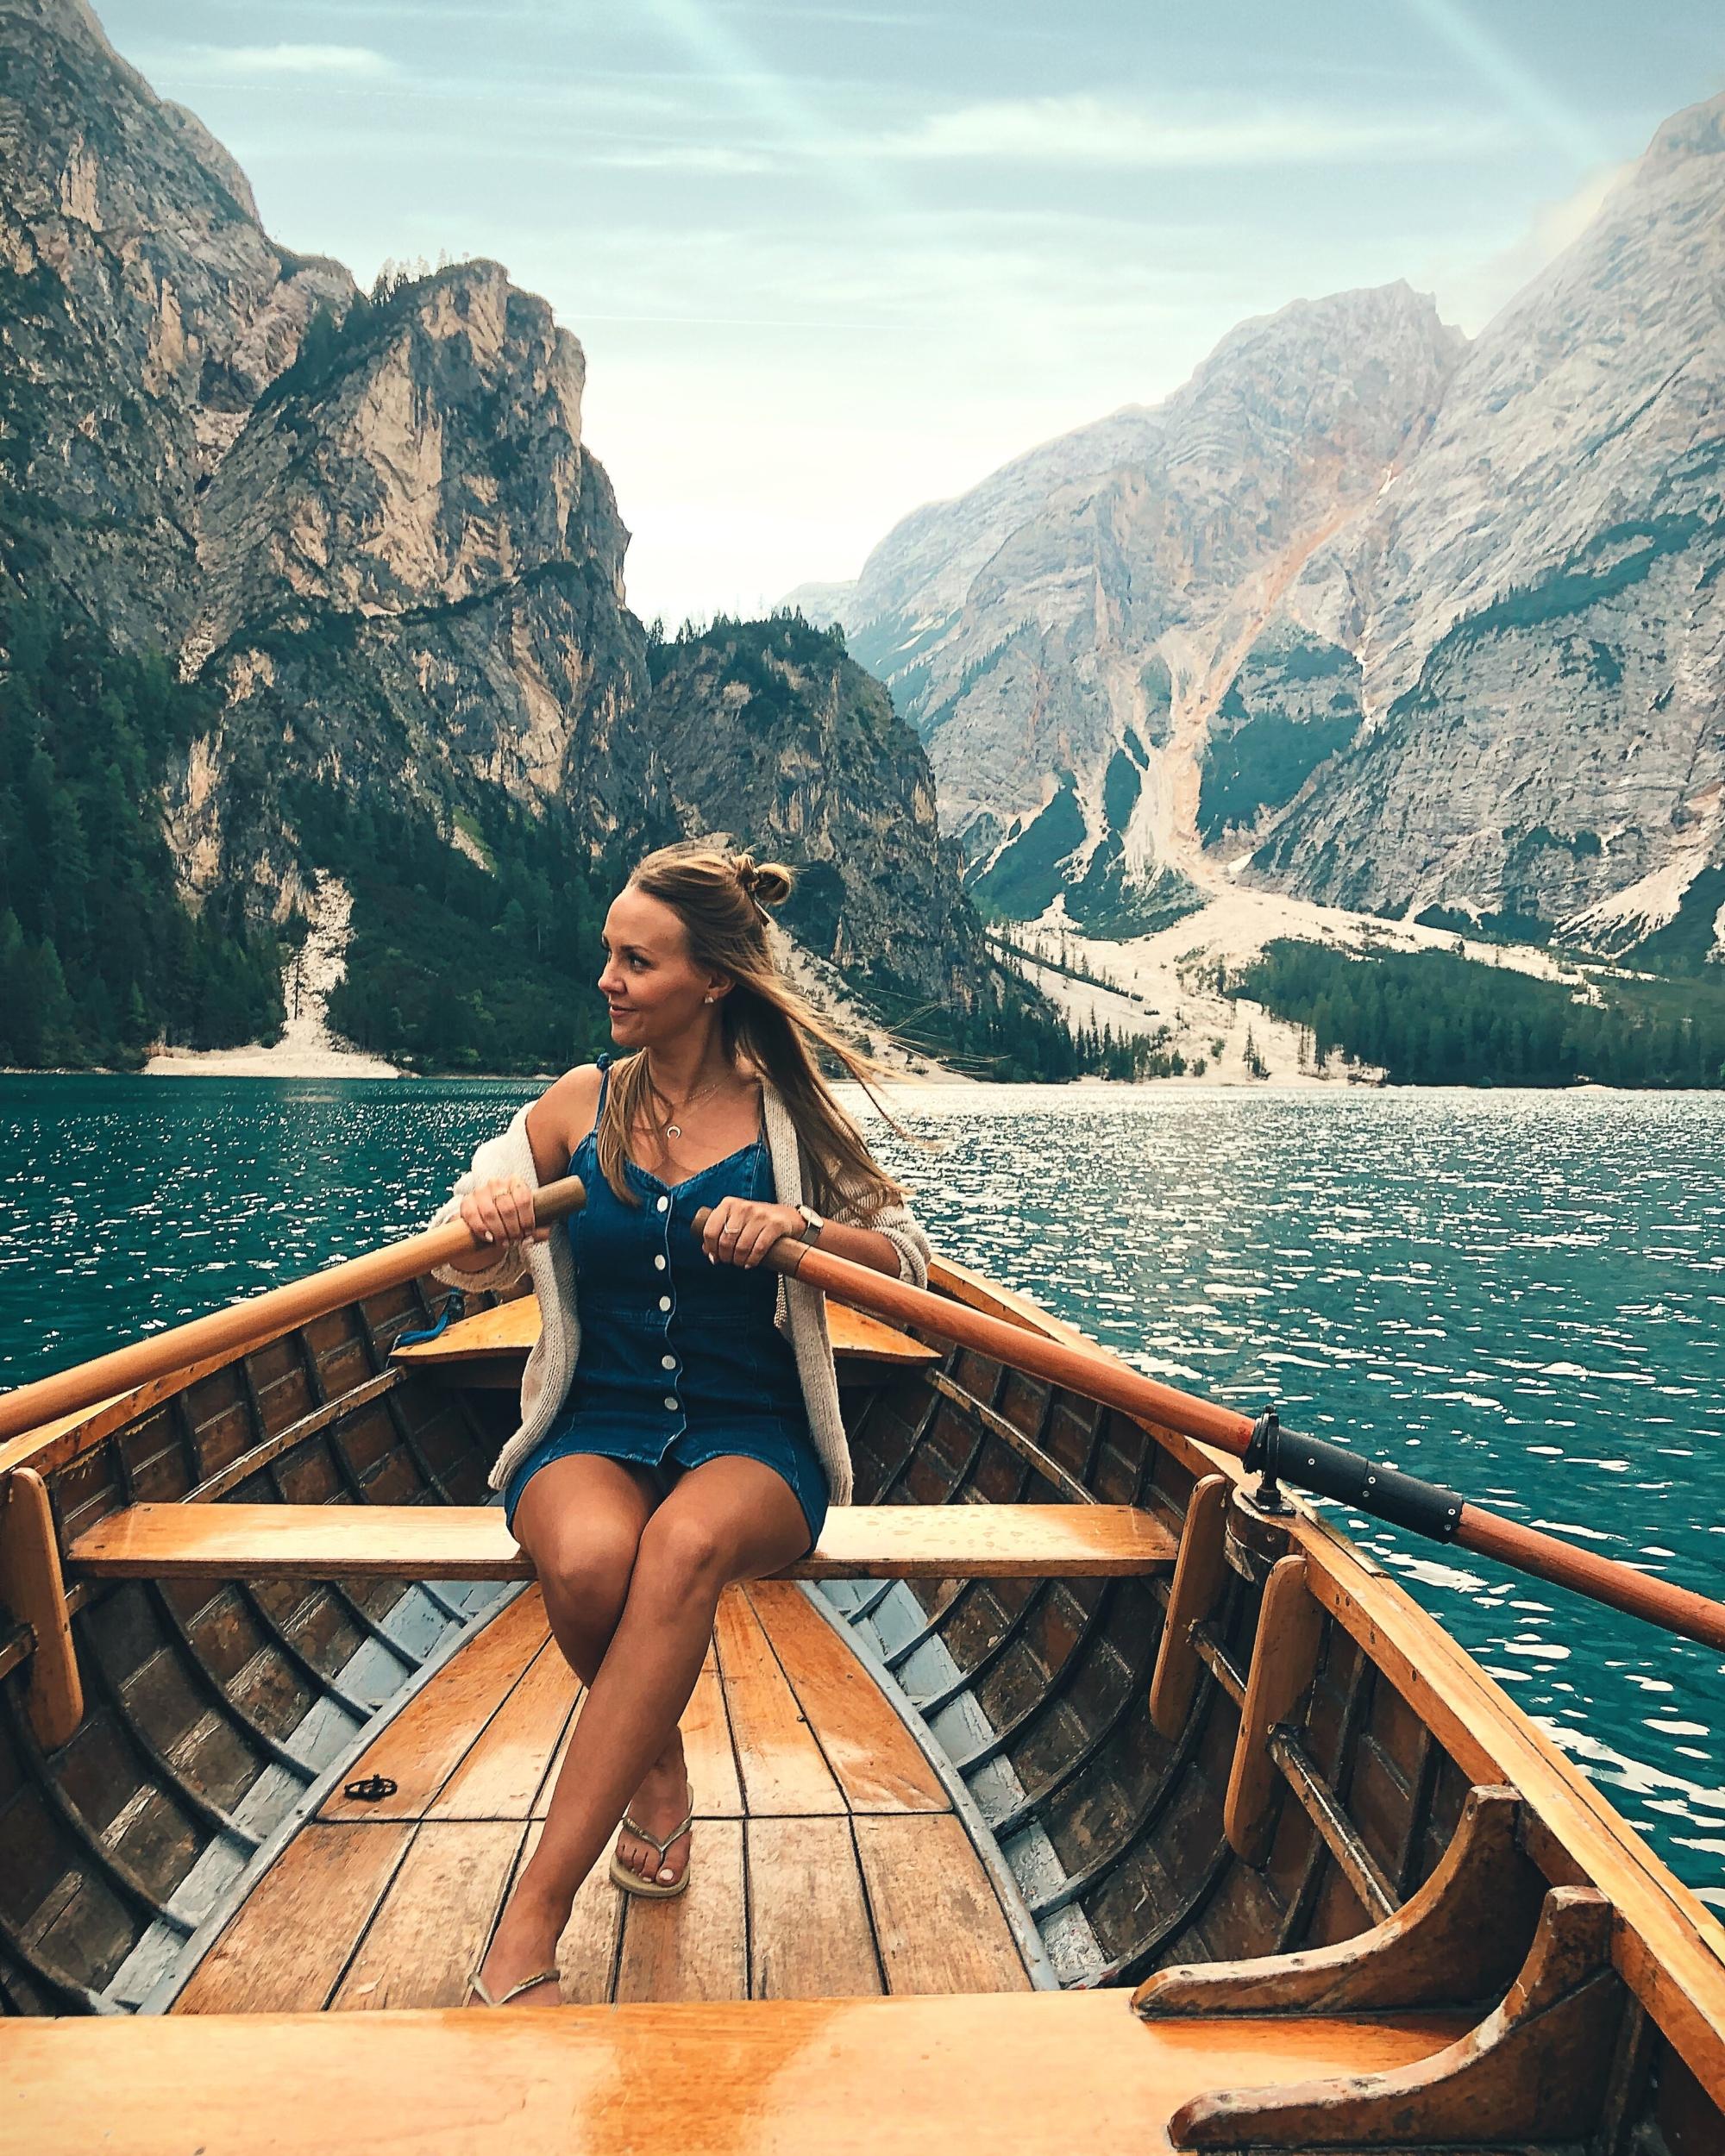 De iconische roeibootje van Lago di Braies